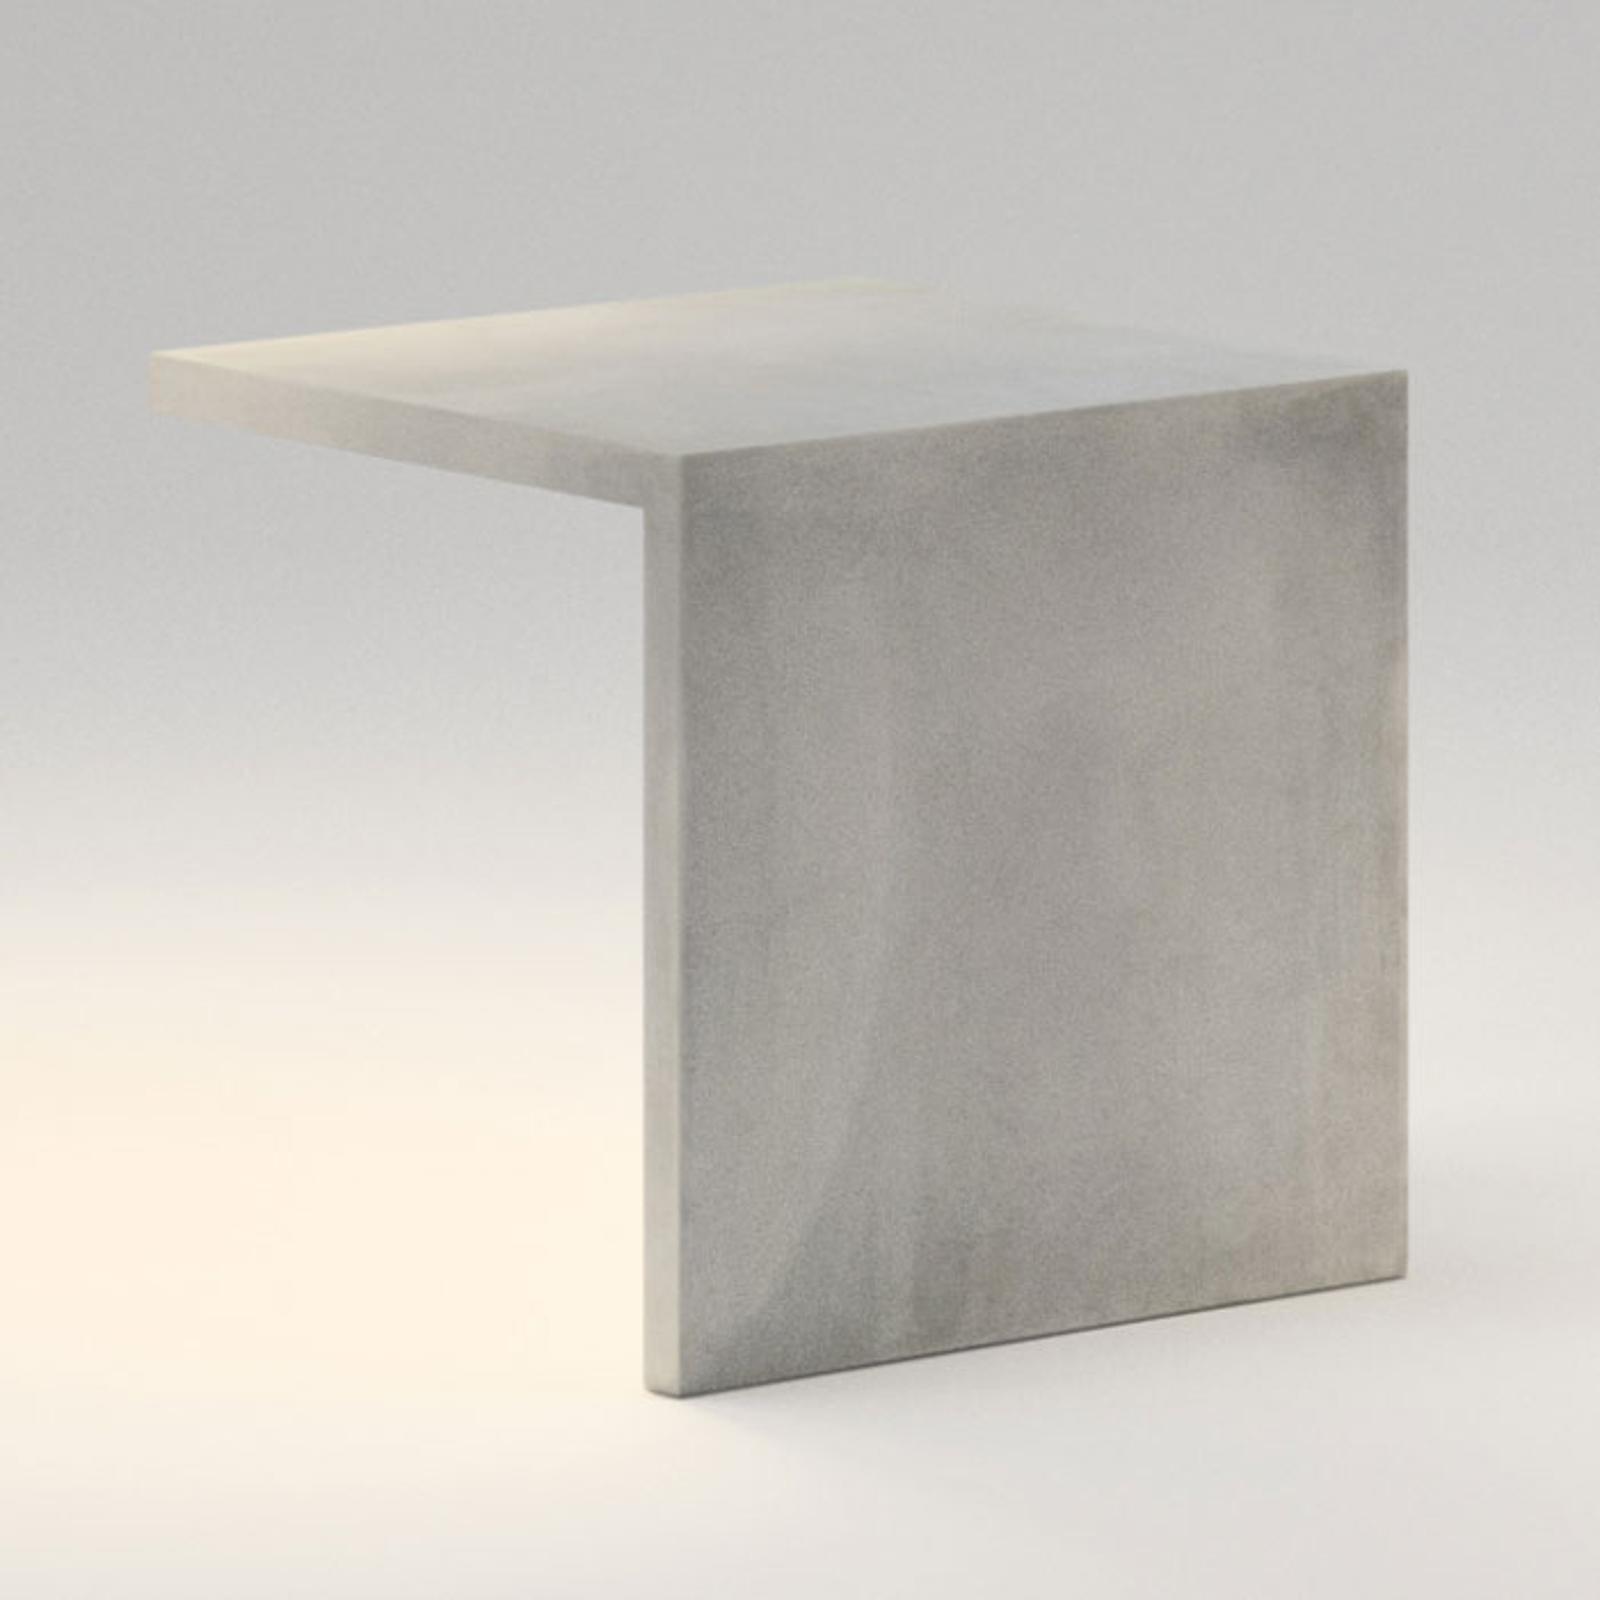 Vibia Empty 4125 Außenleuchte aus Beton, 45 cm